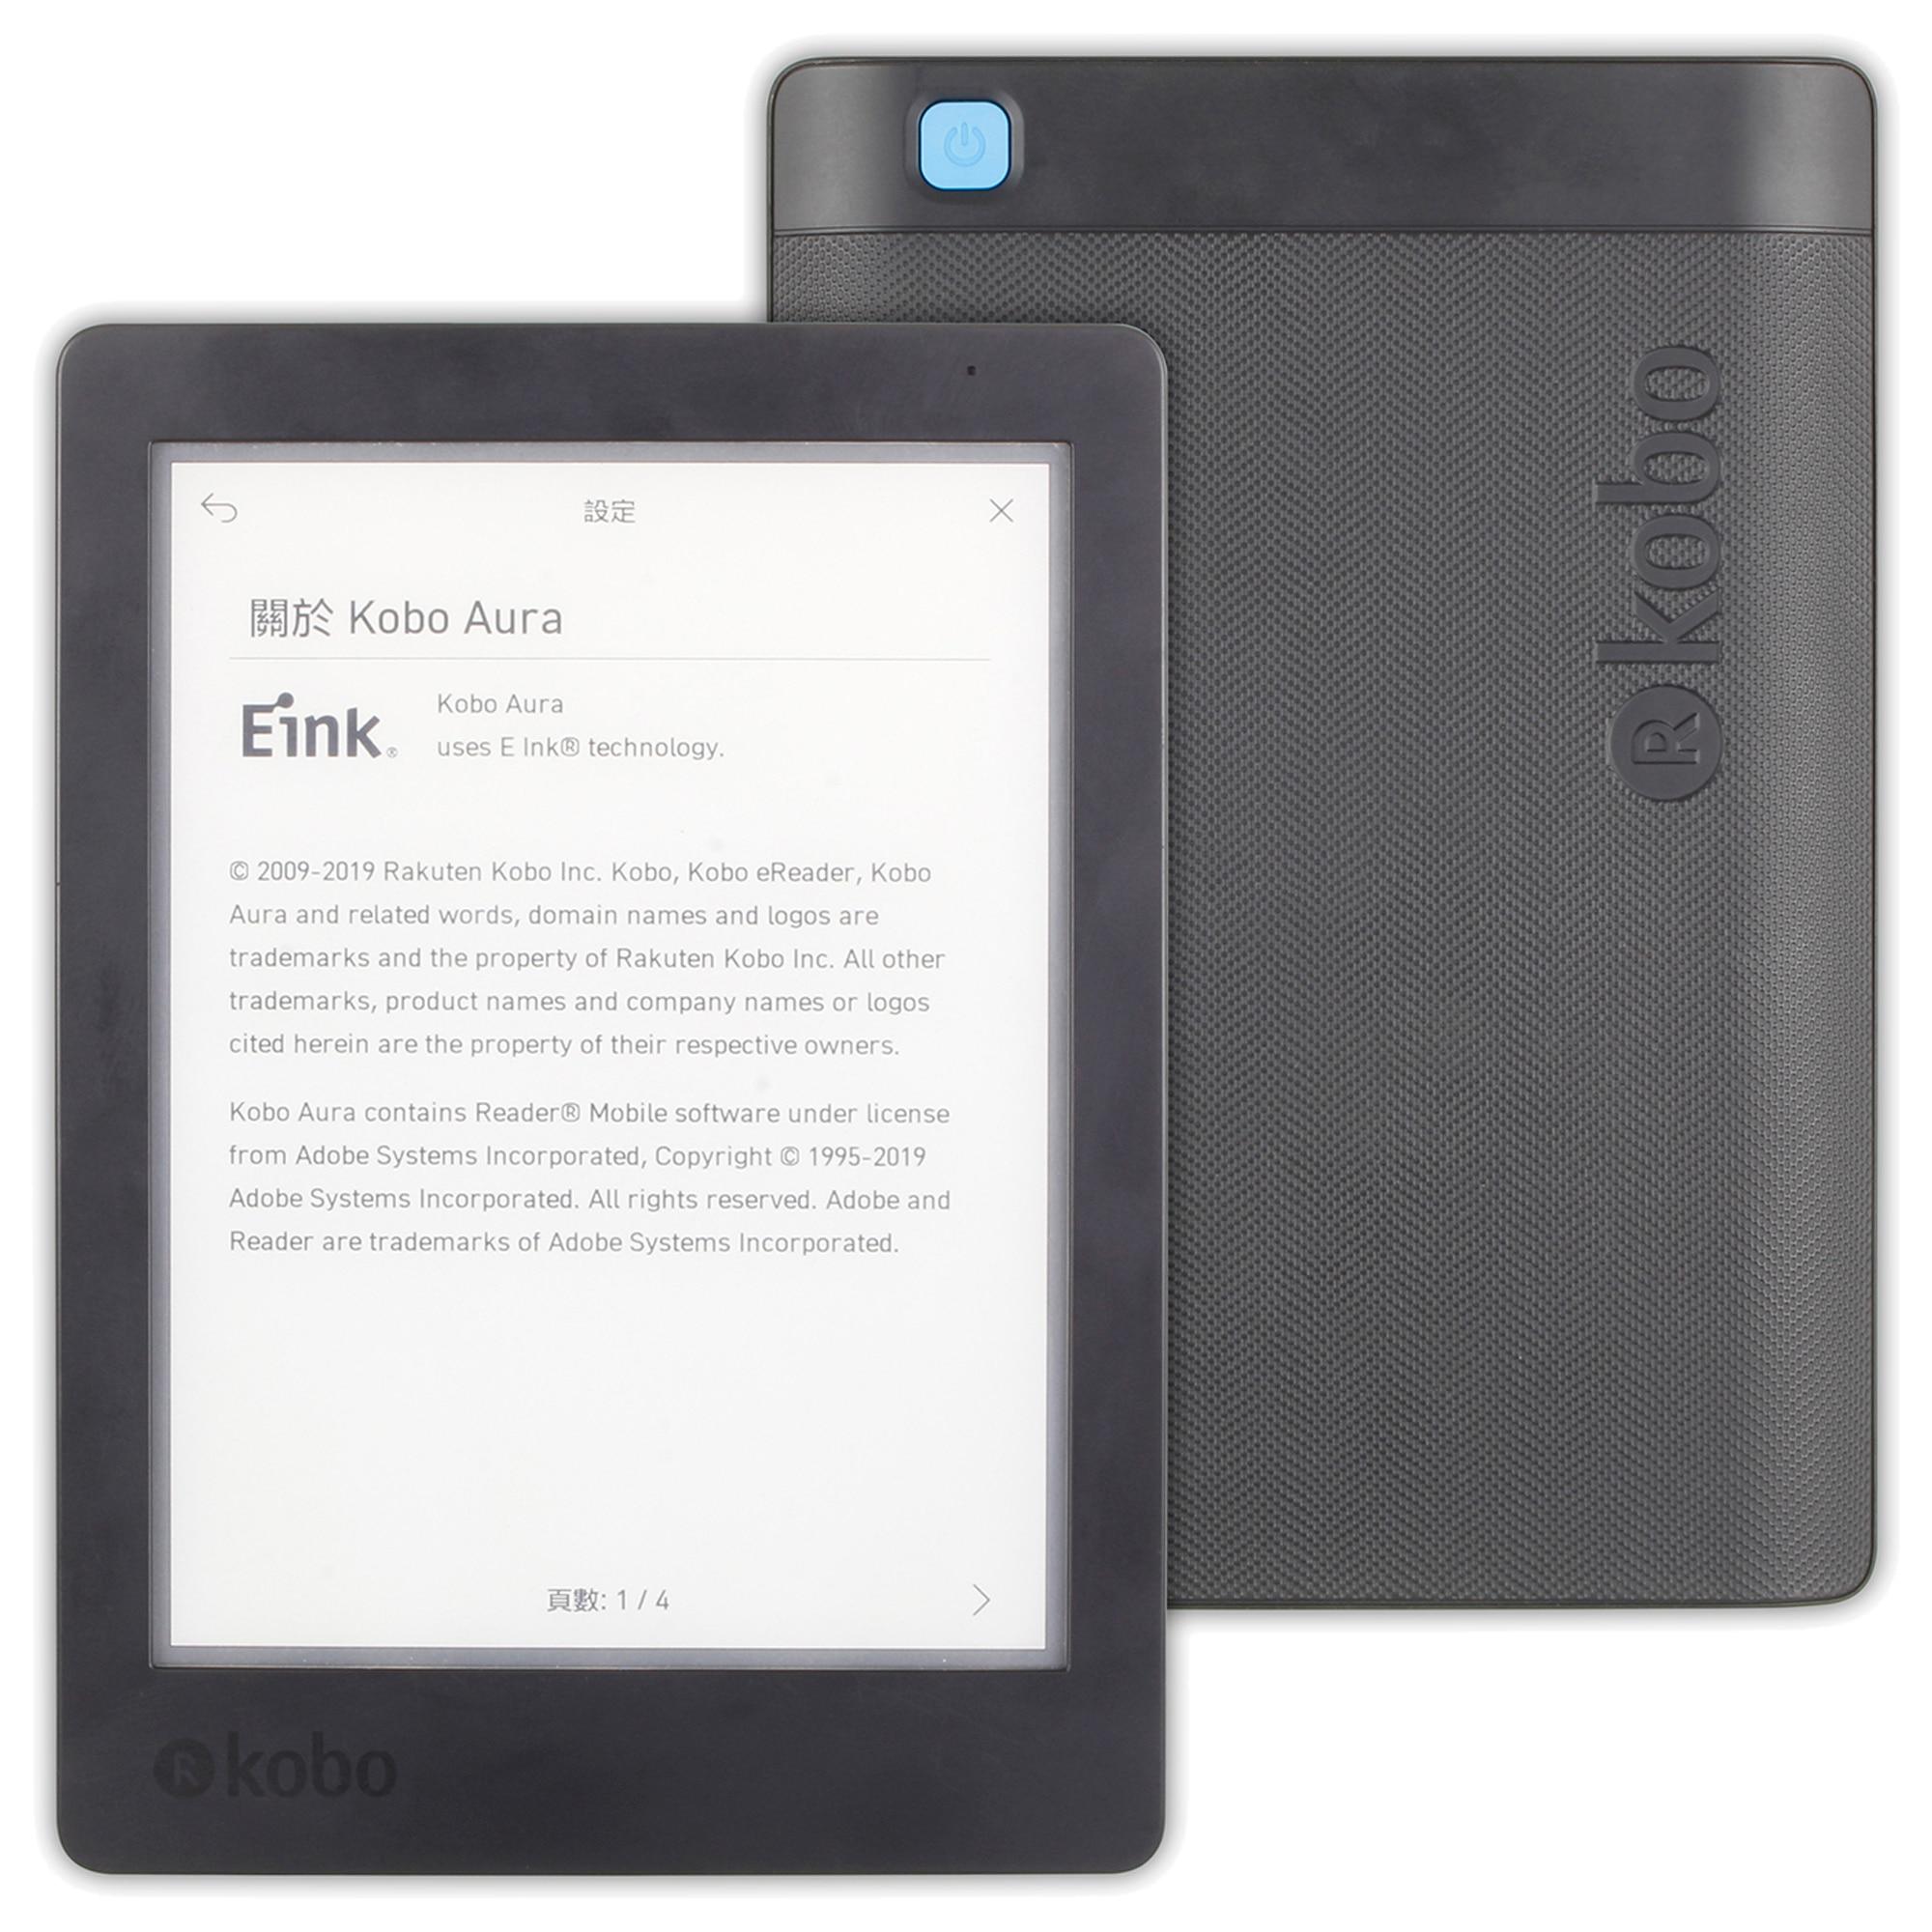 Электронная книга Kobo Aura Edition 2 устройство для чтения электронных книг бумага e-ink 6 дюймов разрешение 1024x768 светильник 212 ppi электронная книга ...